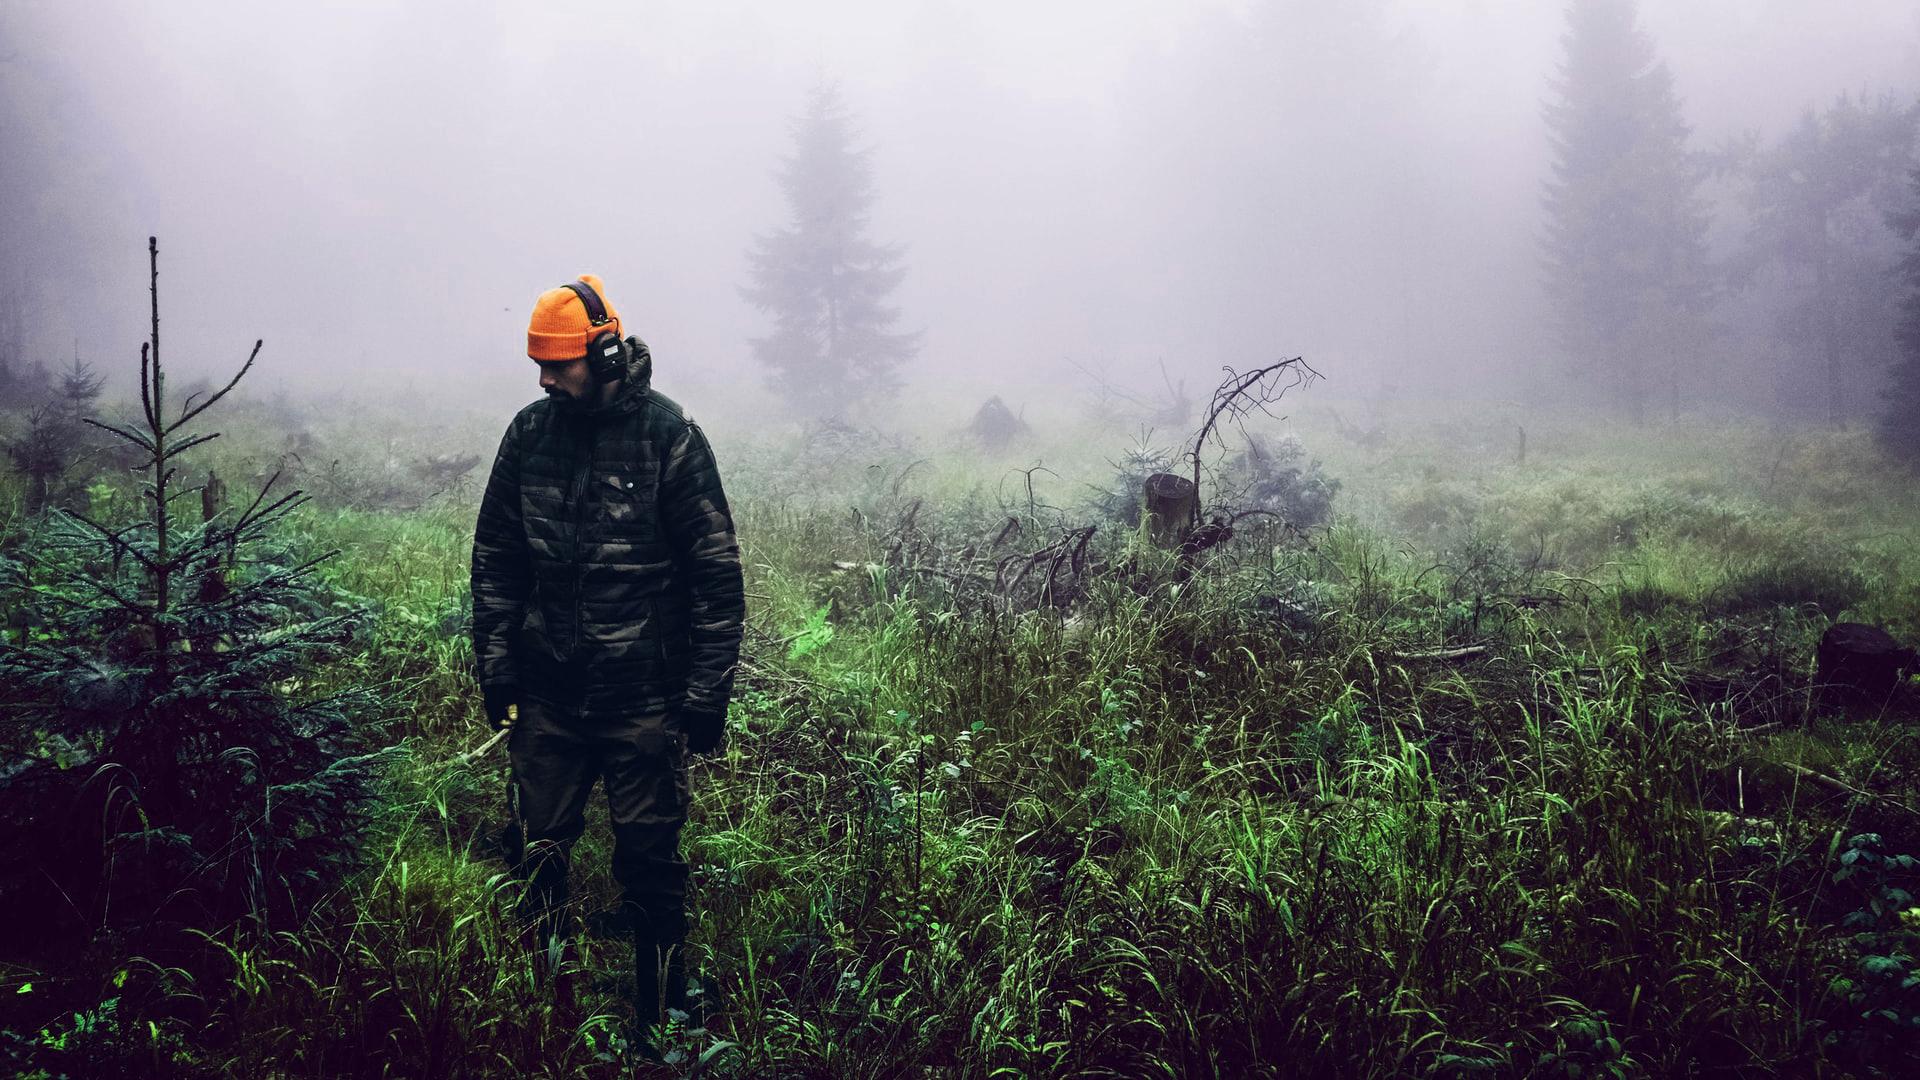 Jäger kontrolliert junge Bäume auf Verbiss